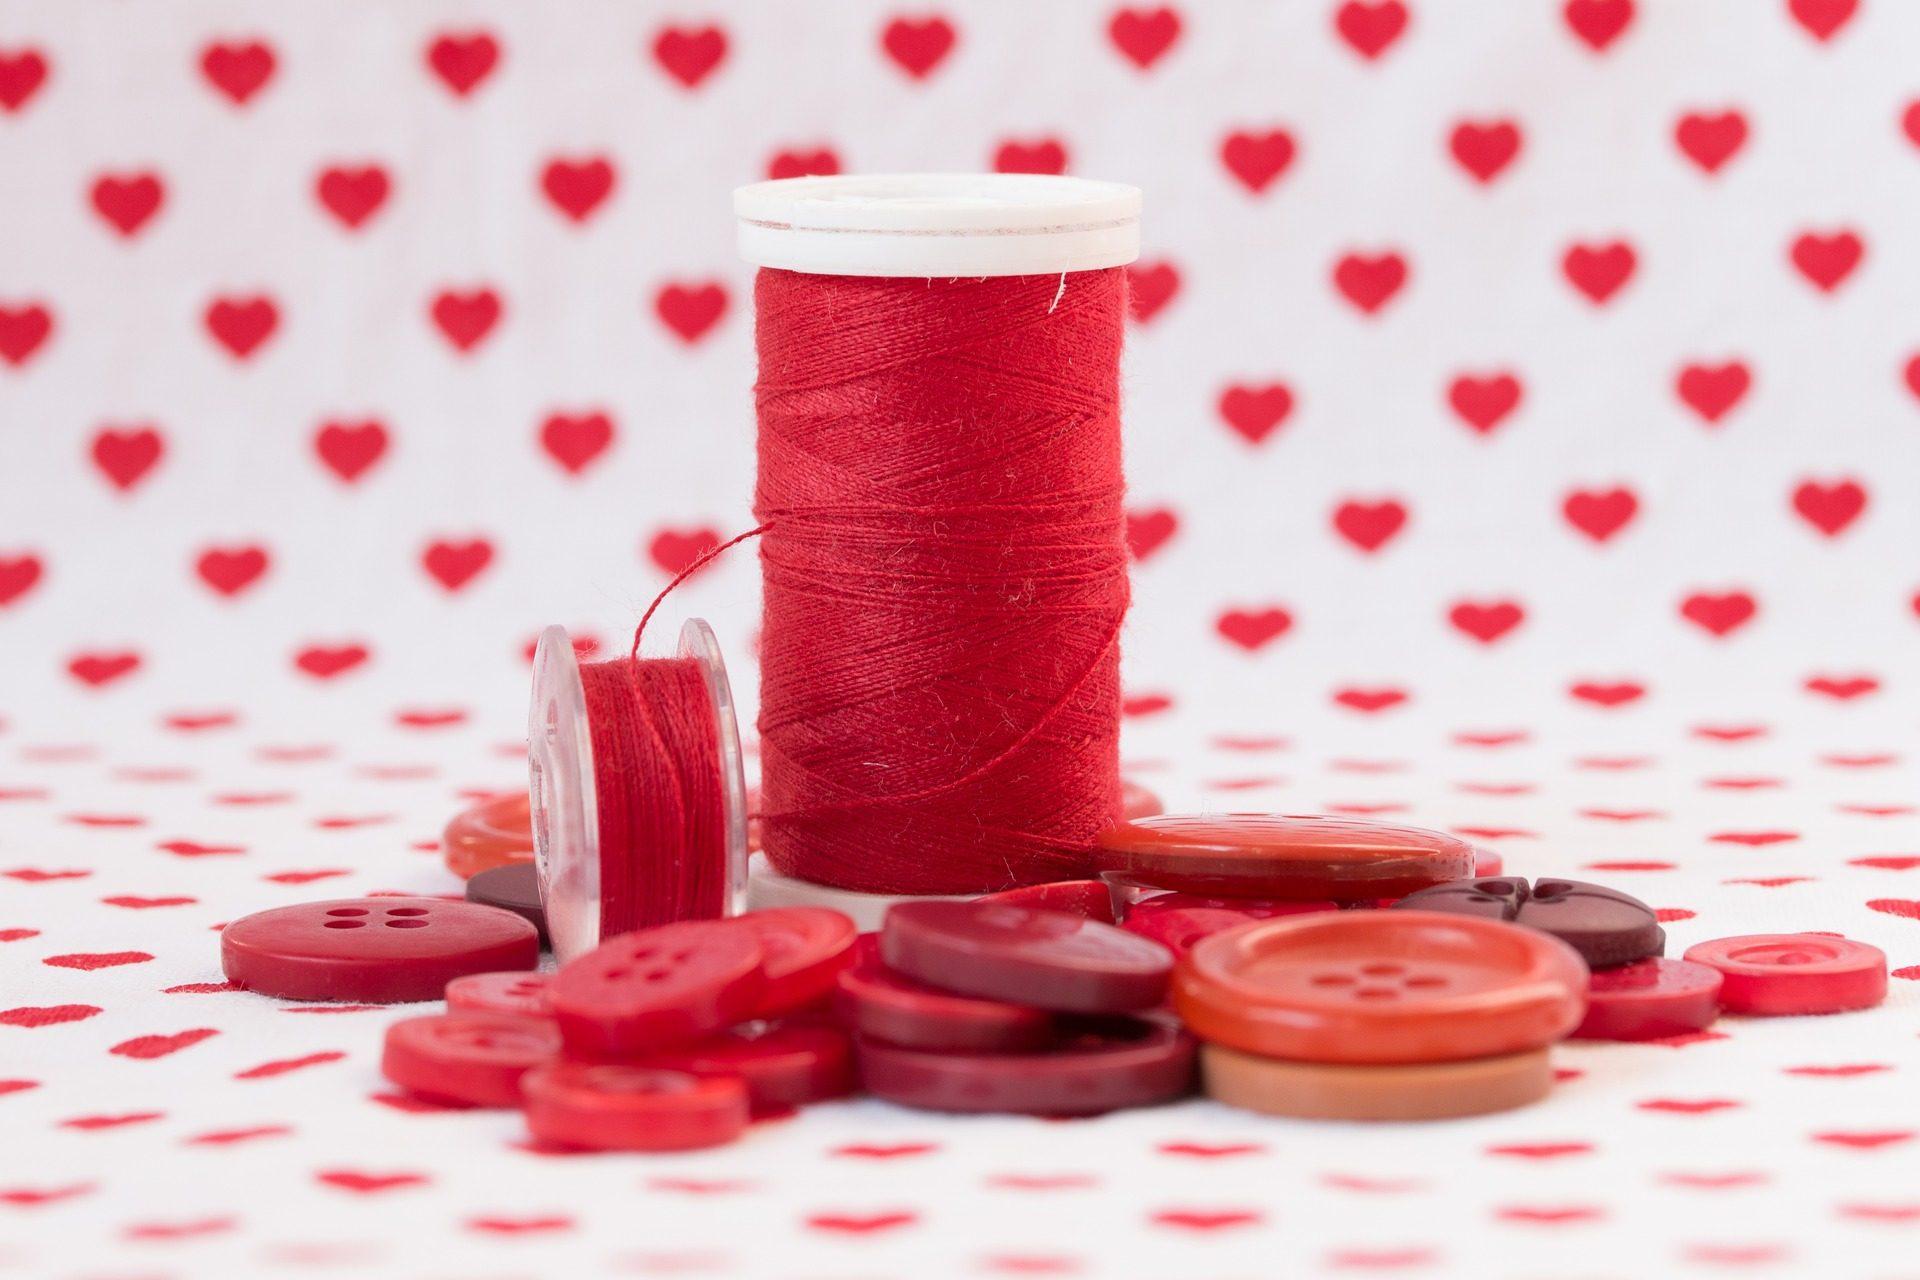 hilo, carretes, bobina, botones, corazones, rojo - Fondos de Pantalla HD - professor-falken.com